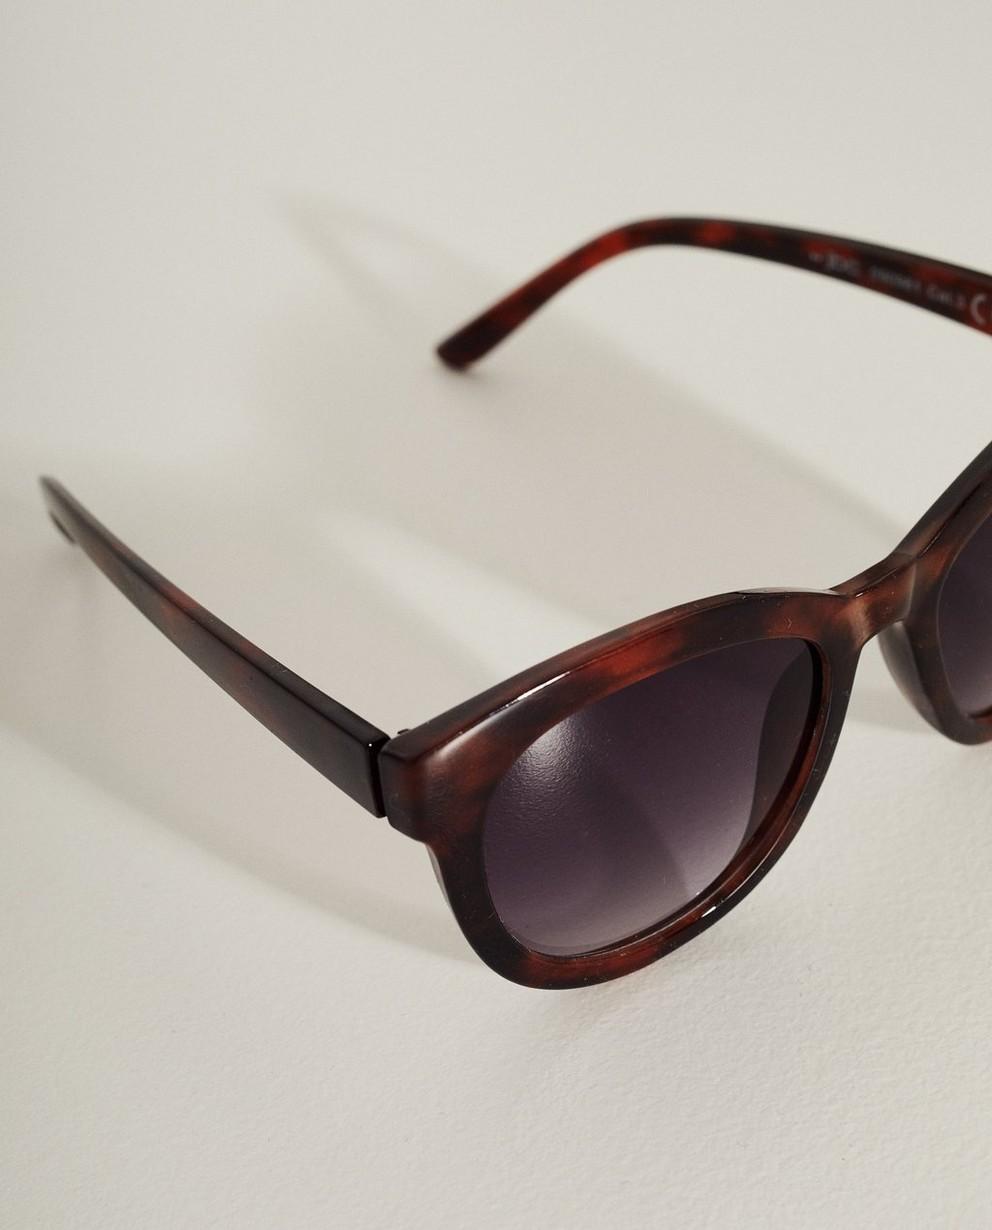 Zonnebrillen - BRM - Bruine zonnebril met dierenprint